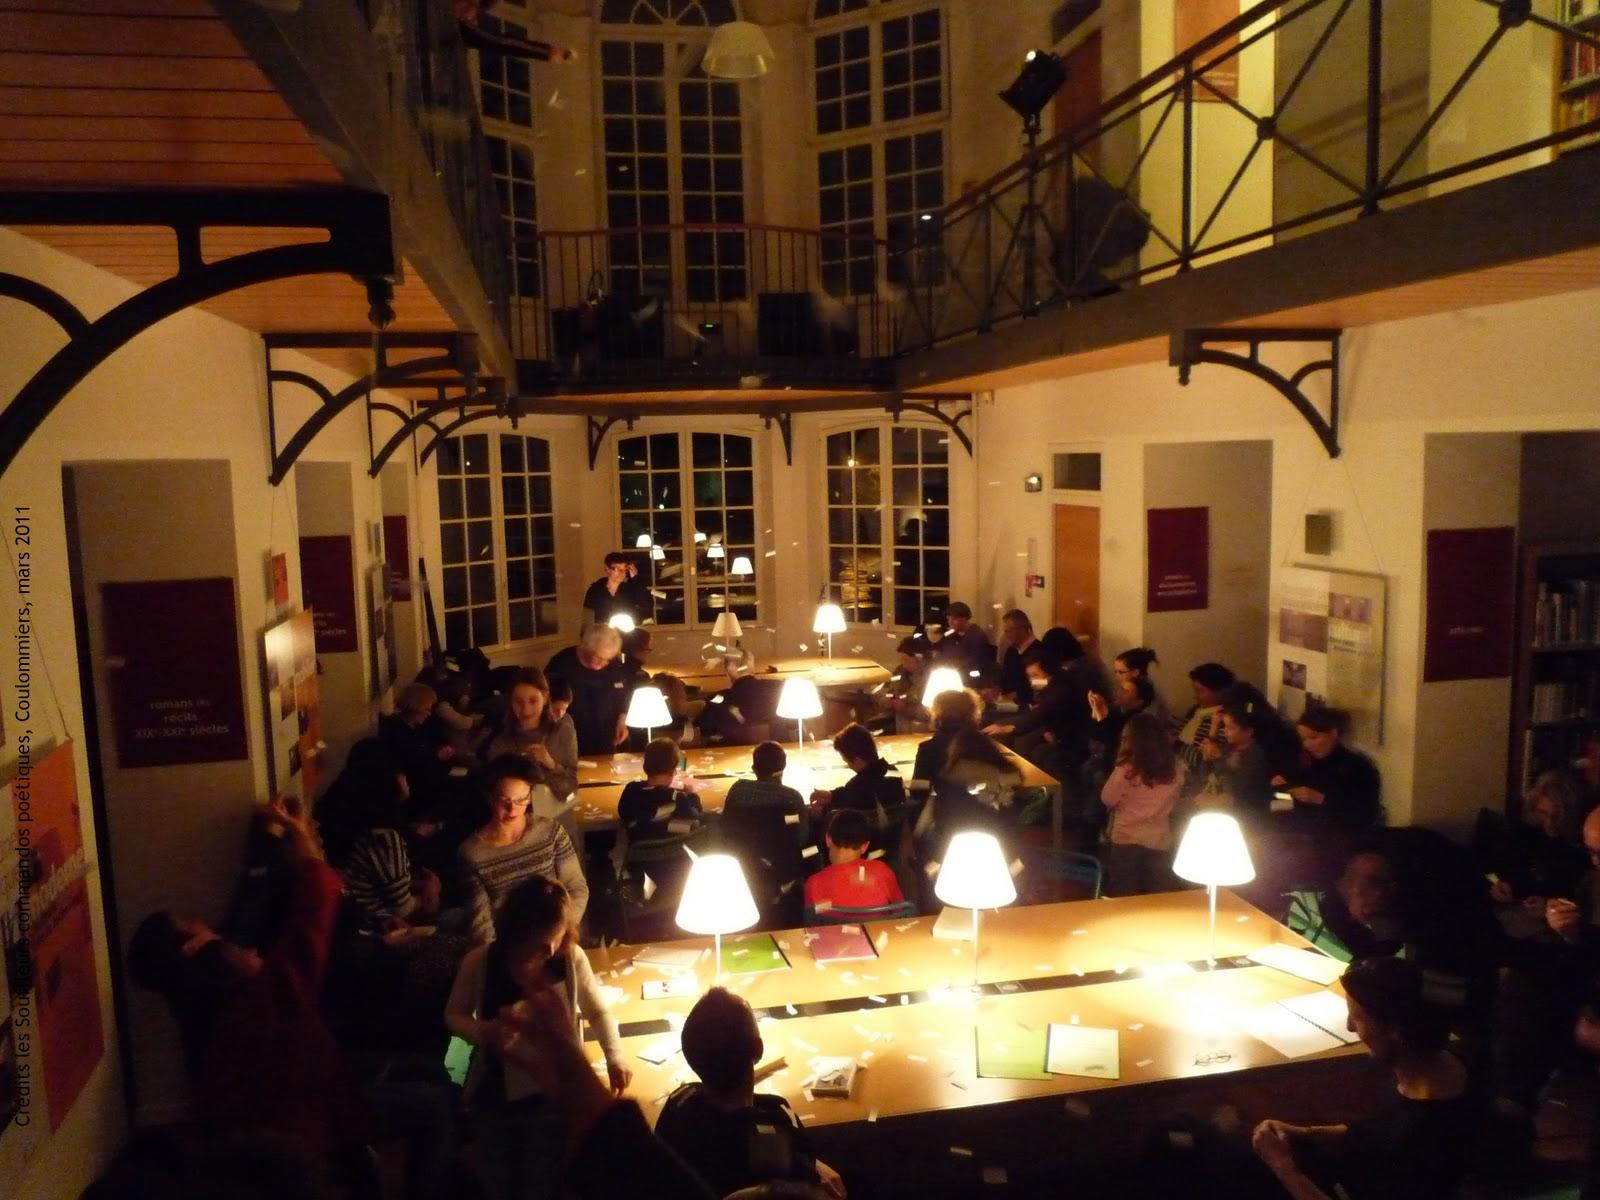 18 mars 2011 : Nuit de la poésie à Coulommiers